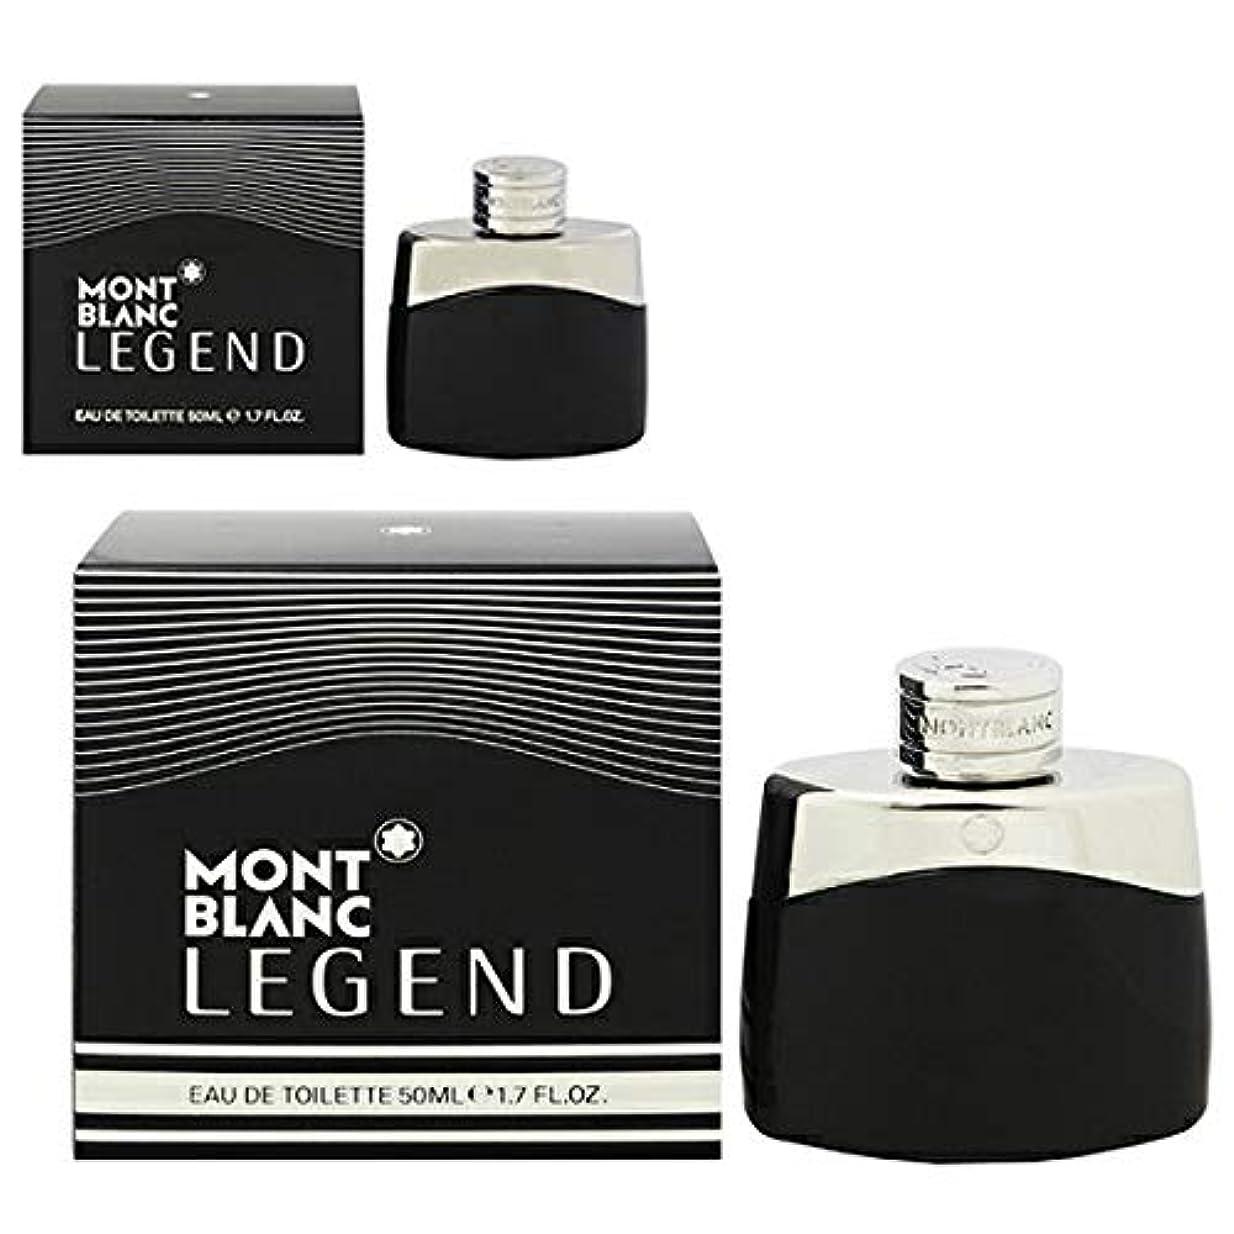 したがって荒らす争いMONT BLANC 香水 モンブラン レジェンド オードトワレ 50ml EDT SP [並行輸入品]